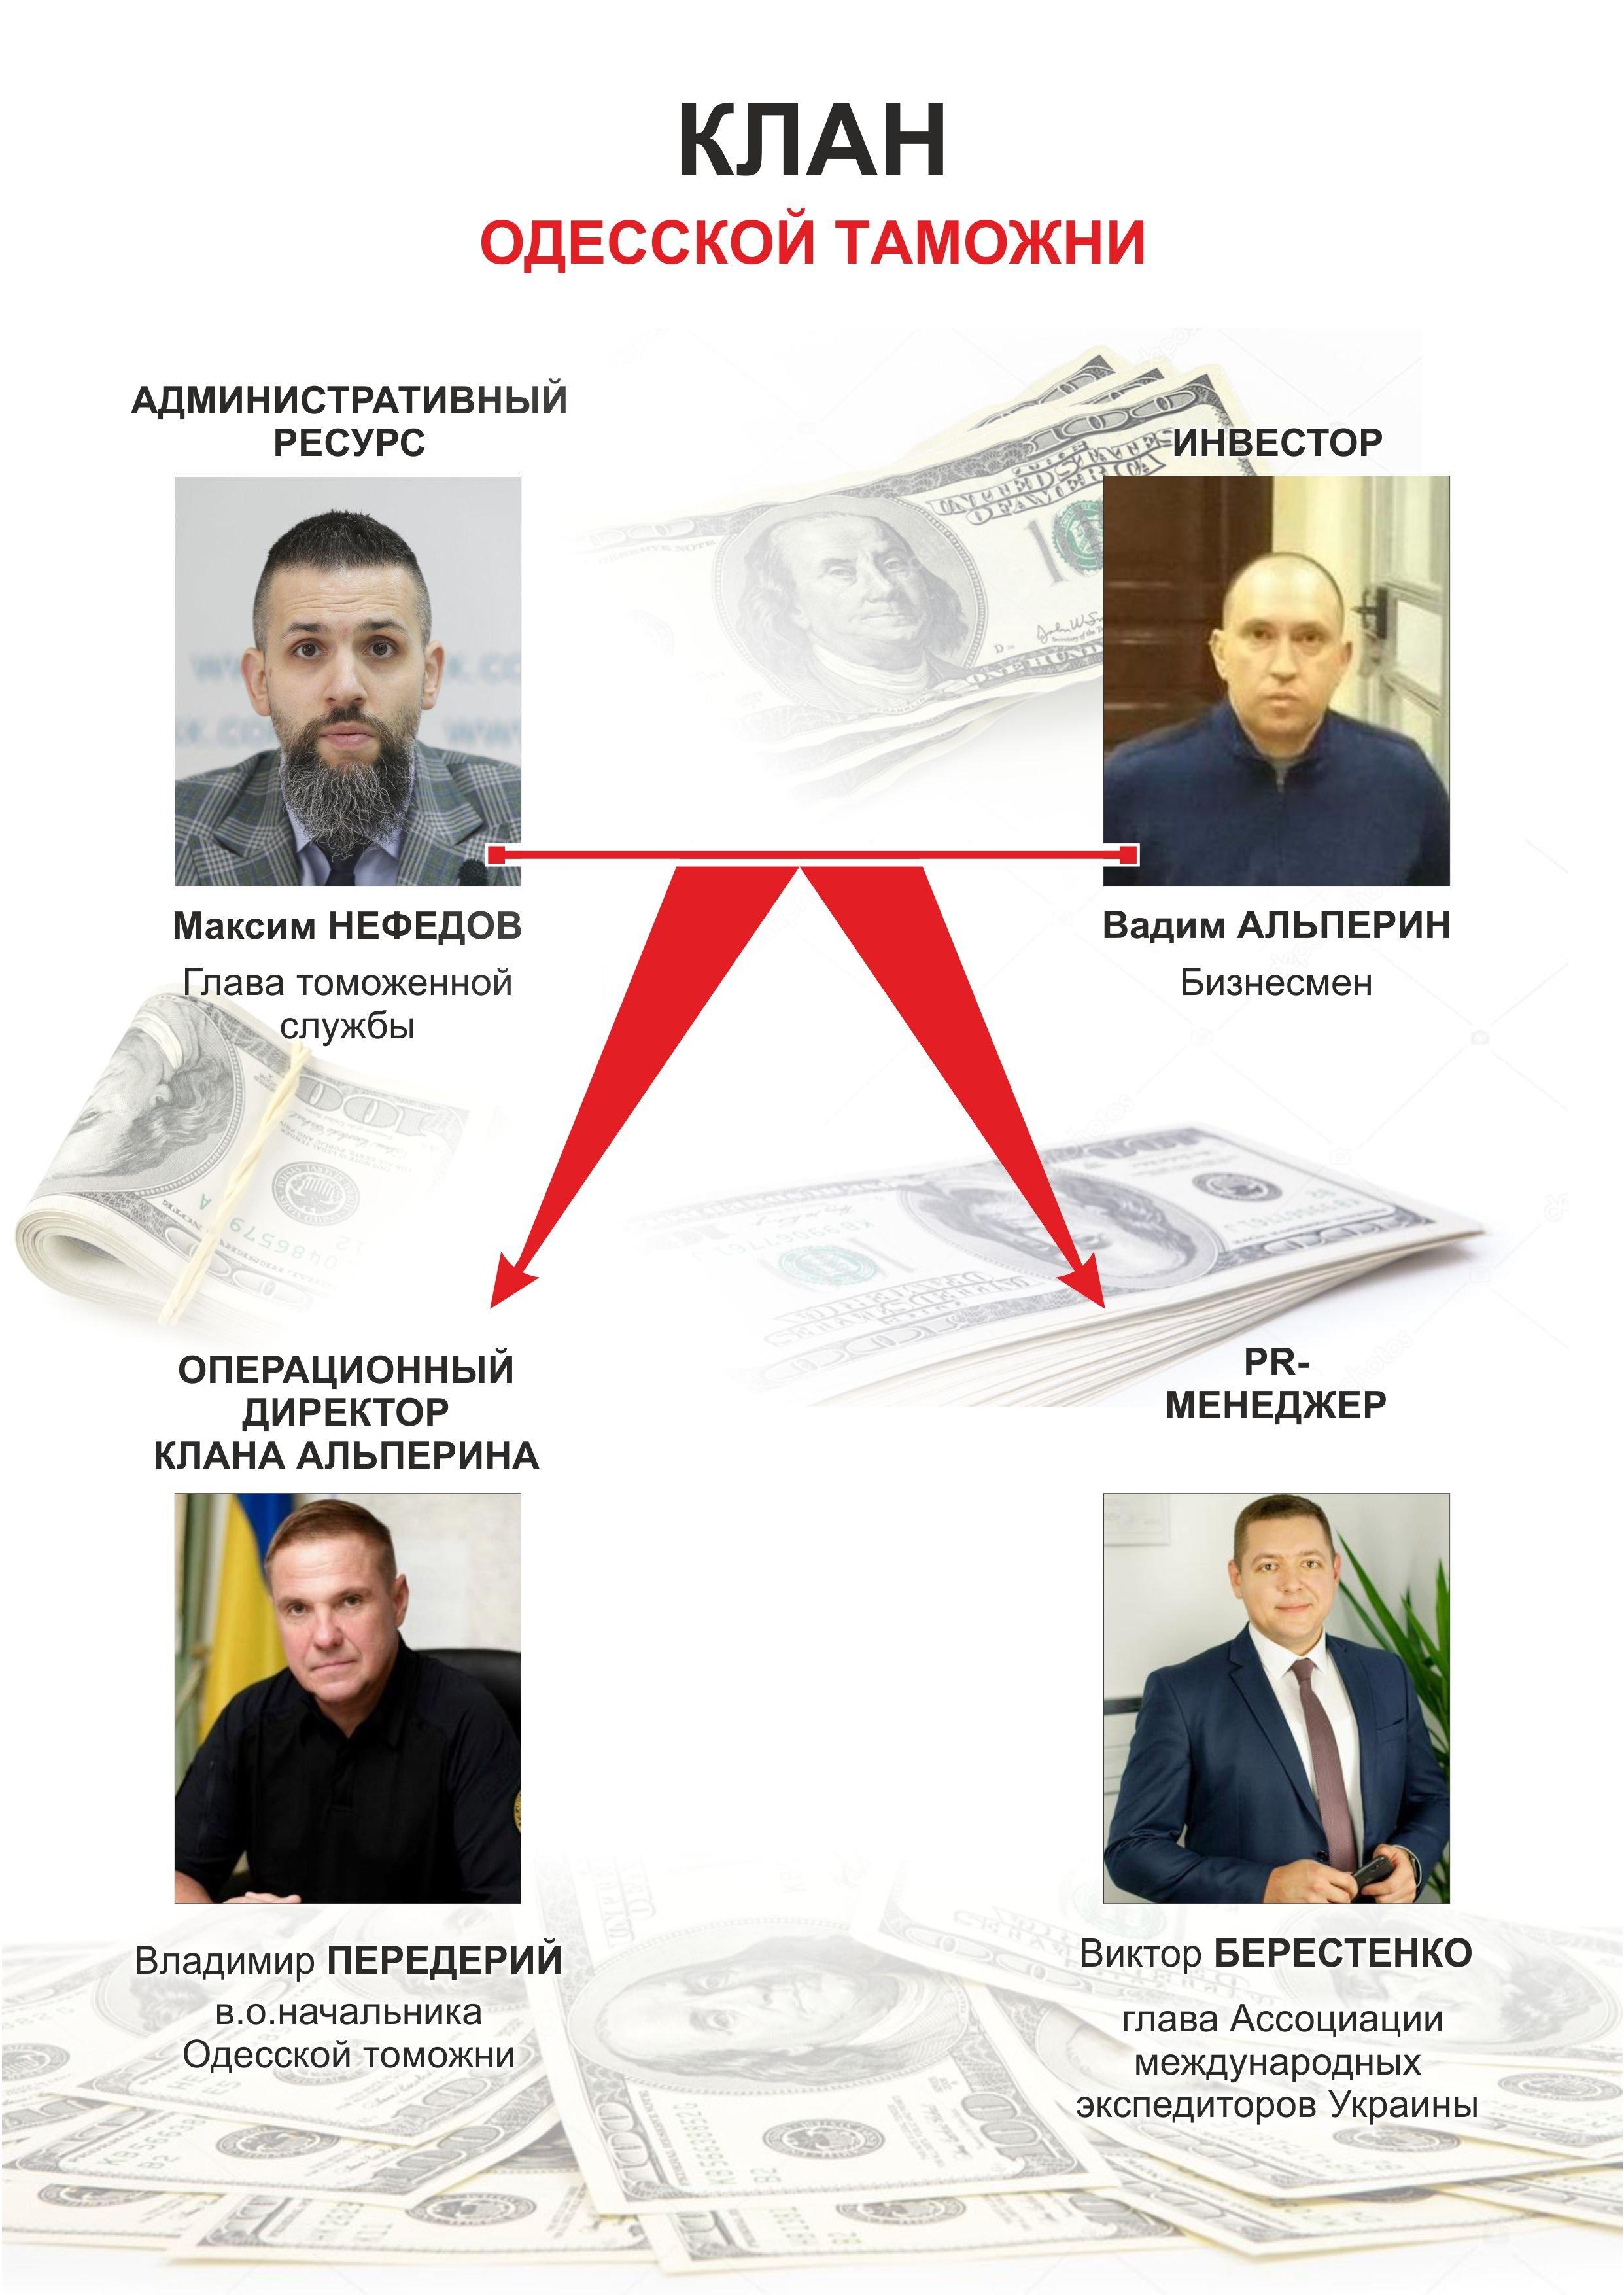 Контрабанда невикорінна: в ОЗУ Вадима Альперіна новий партнер – Максим Нефьодов